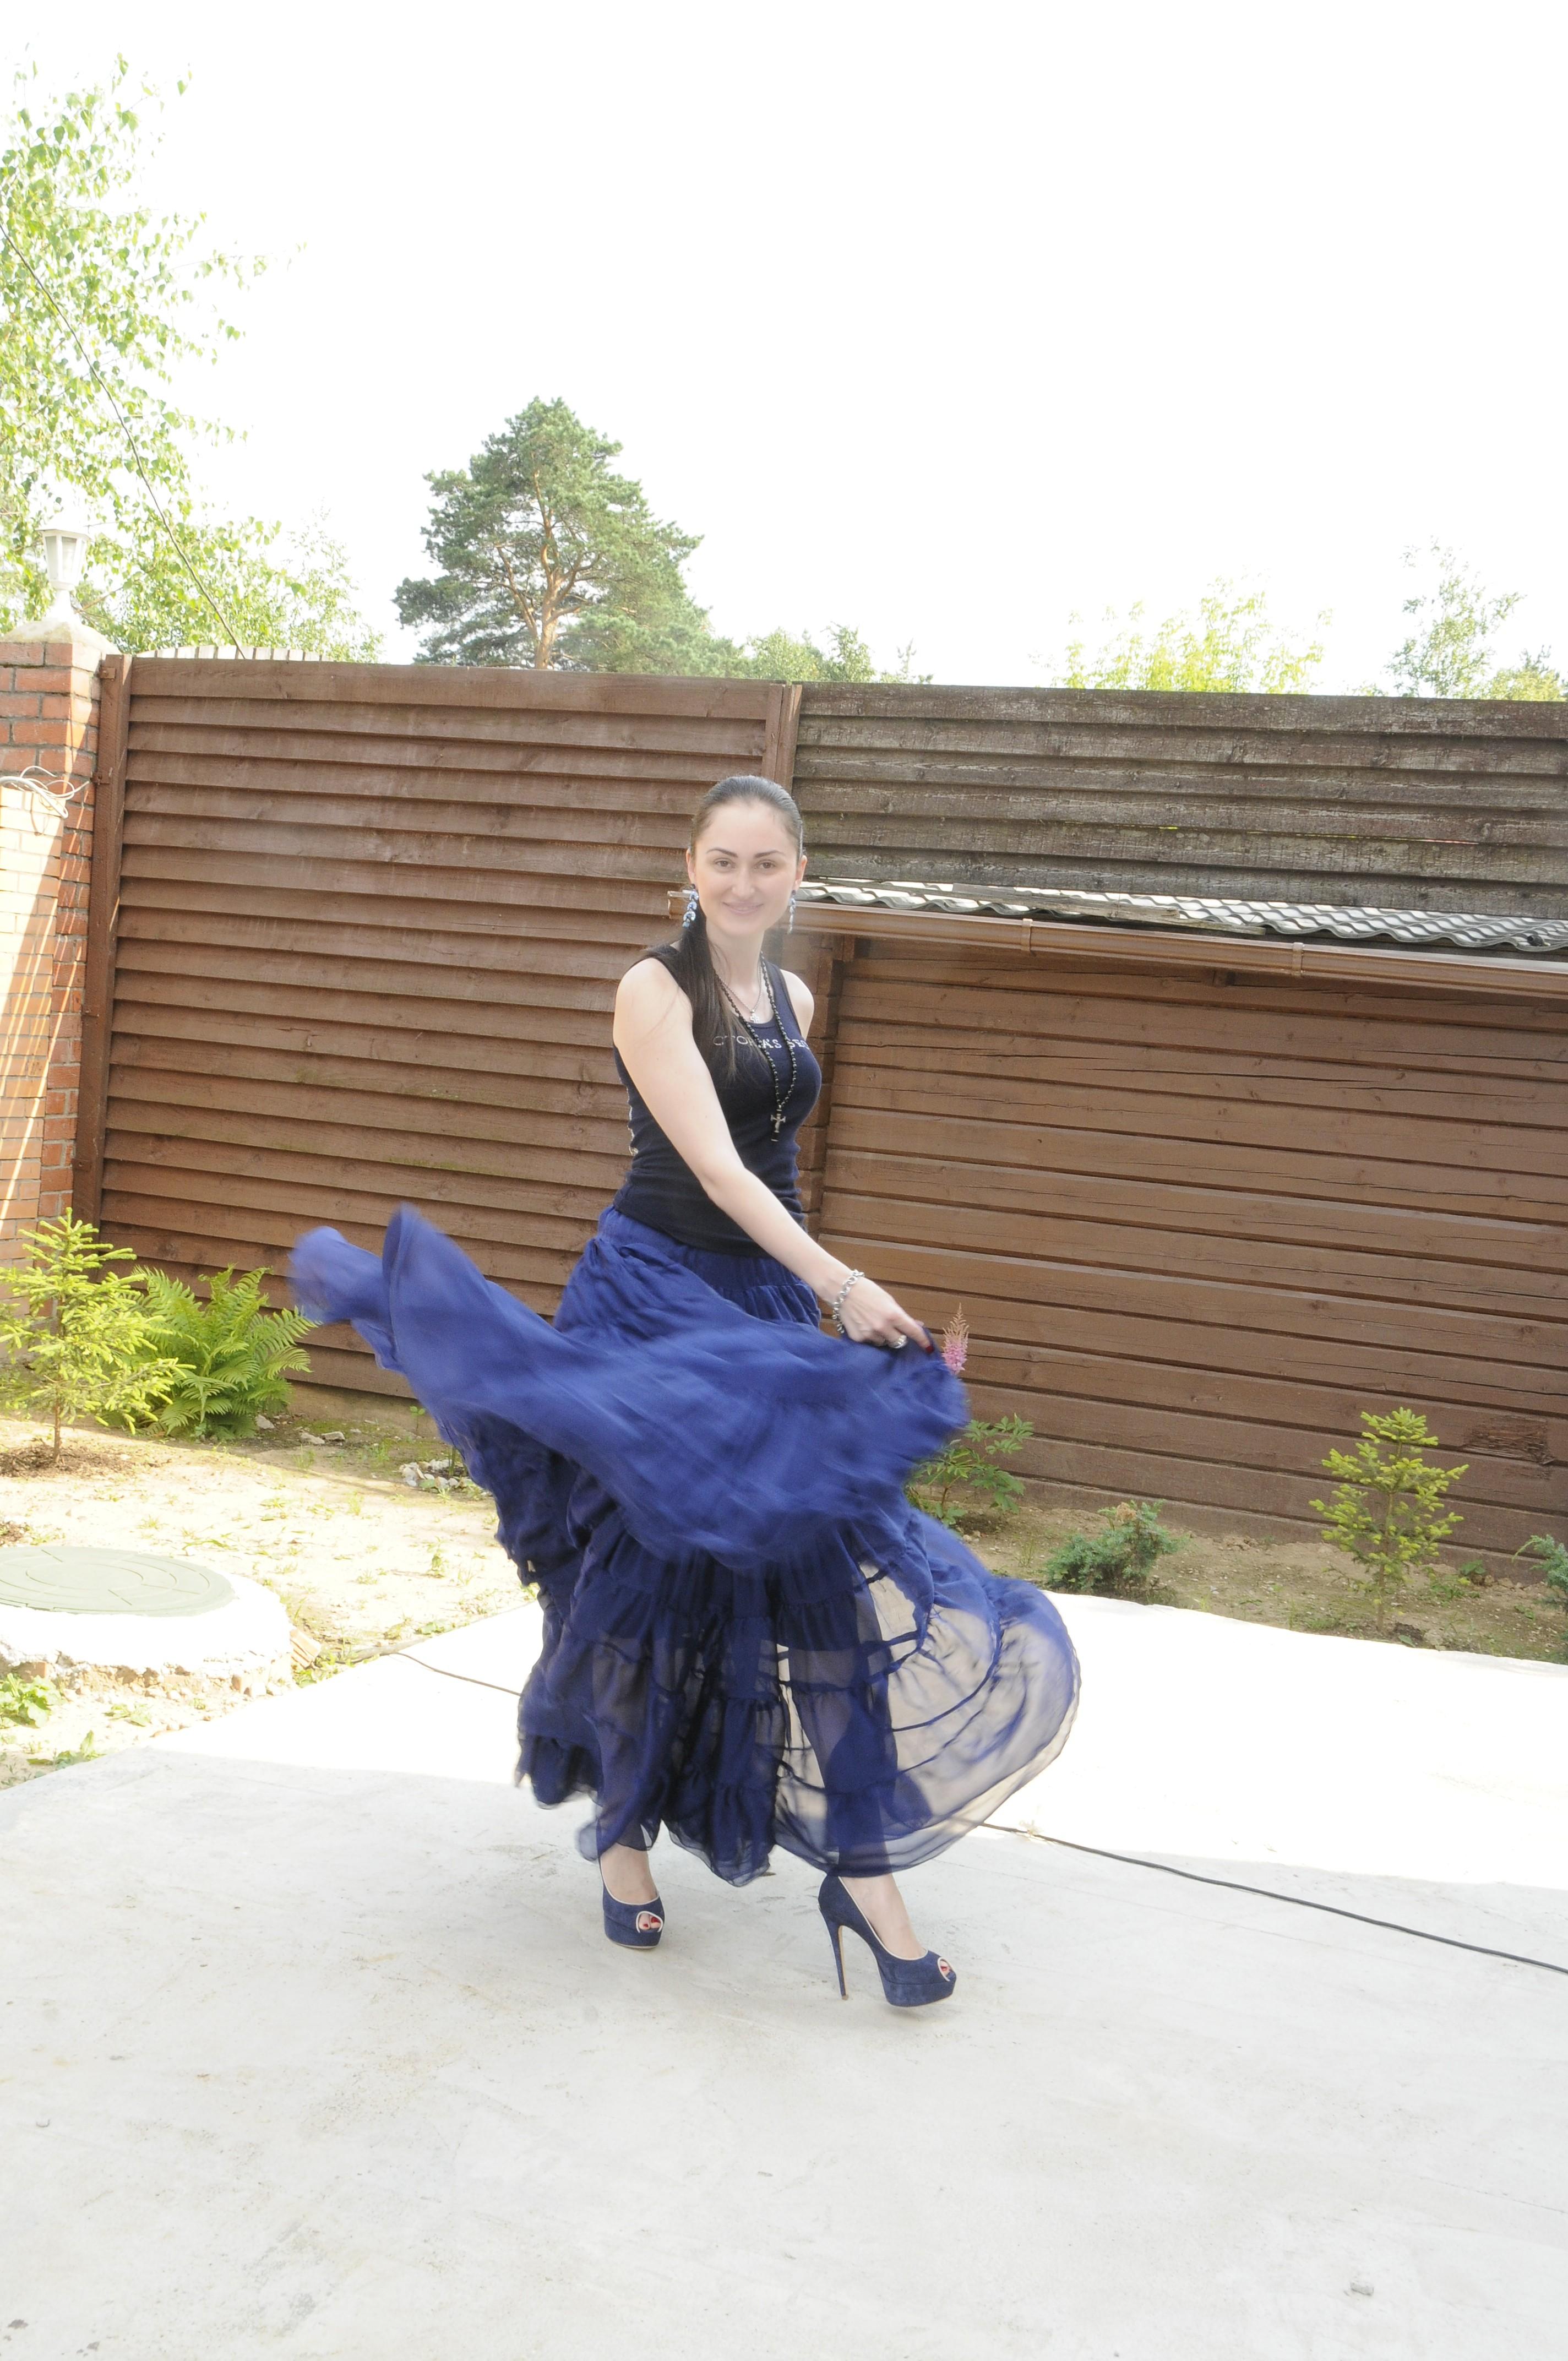 Шифоновая юбка своими руками Курсы кройки и шитья Школа дизайнерского мастерства Елизаветы Добрицкой